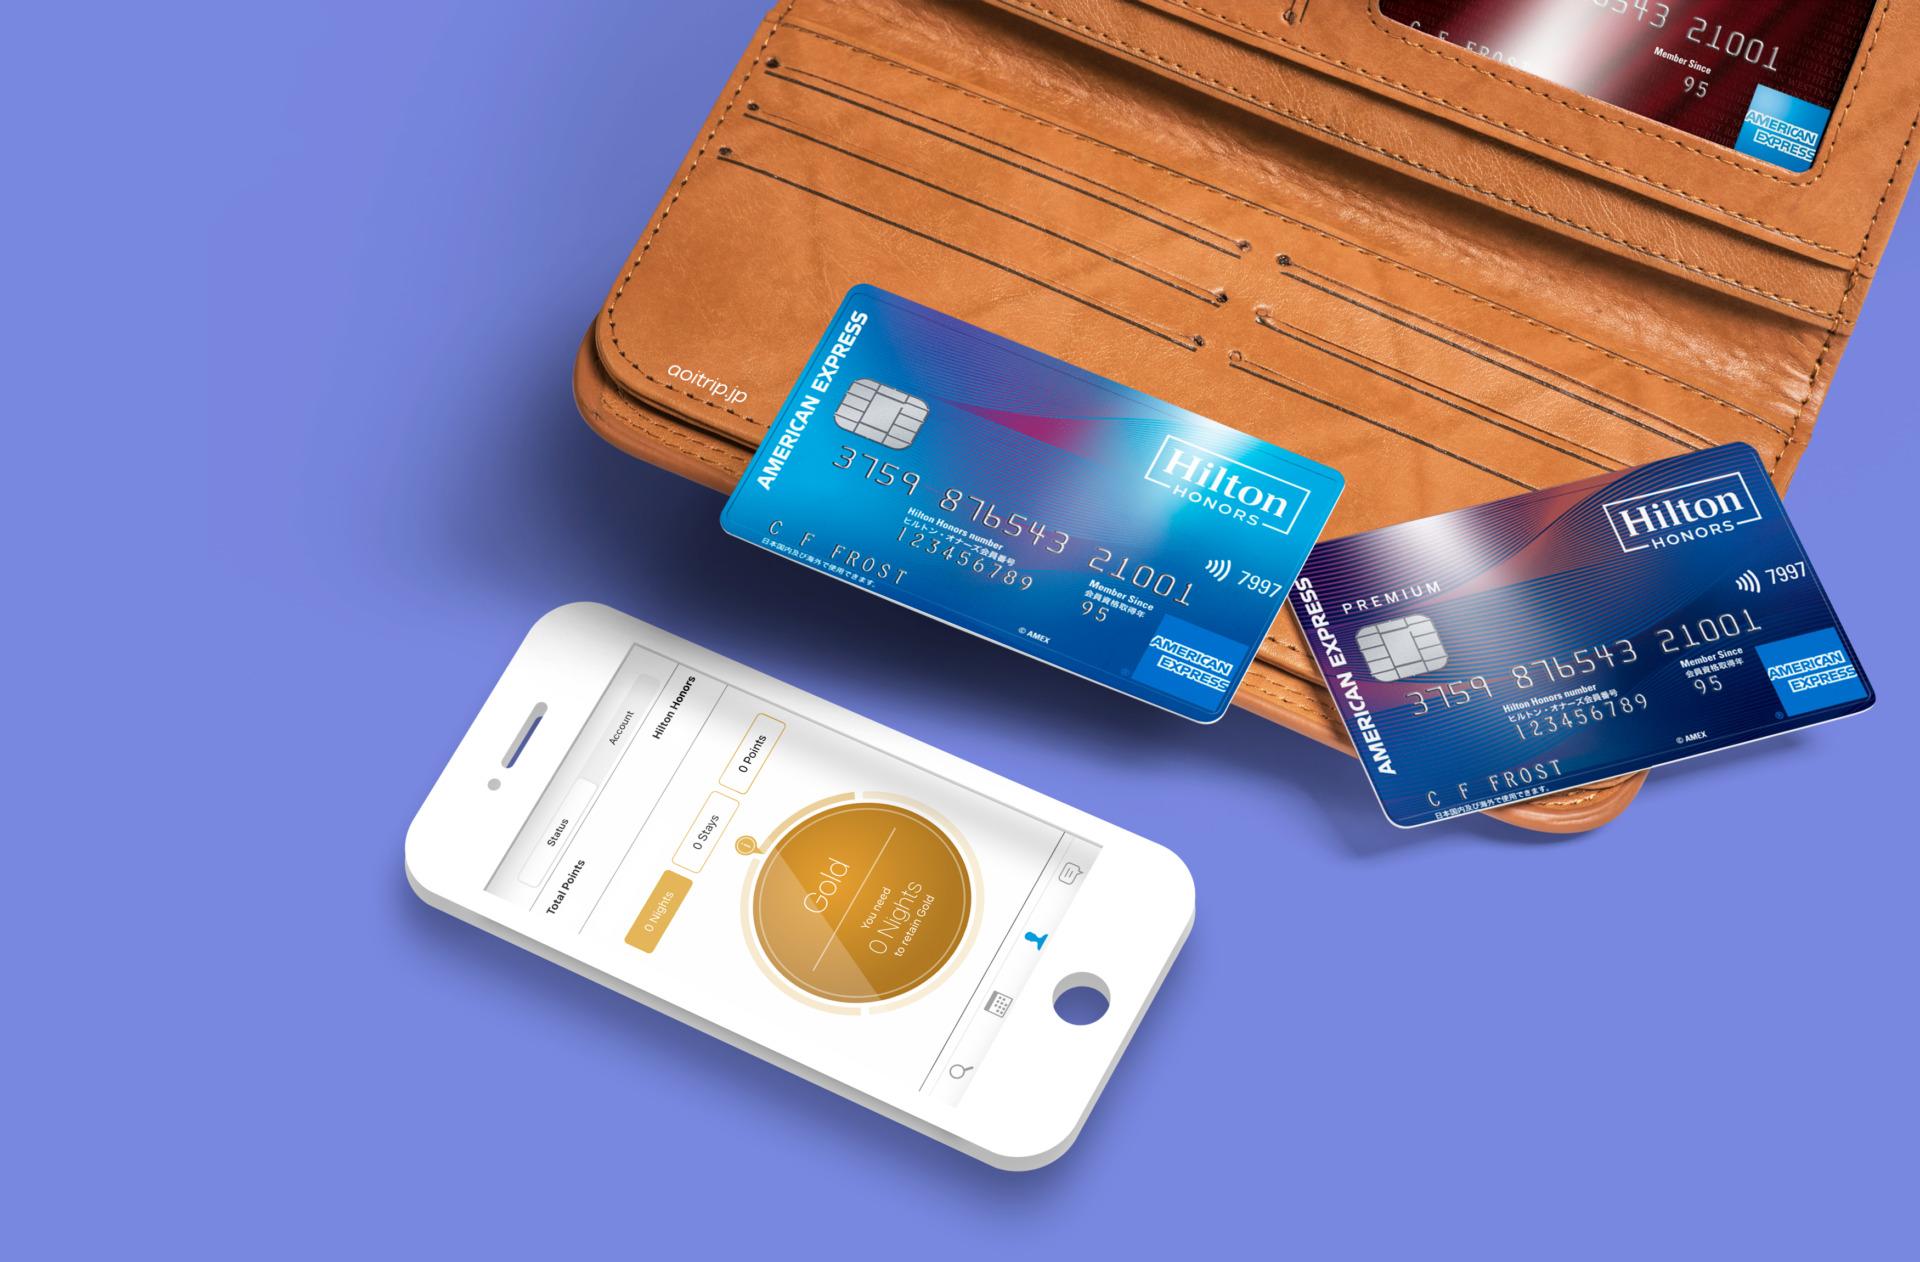 ヒルトン オナーズ アメックスカード|Hilton Honors American Express Card